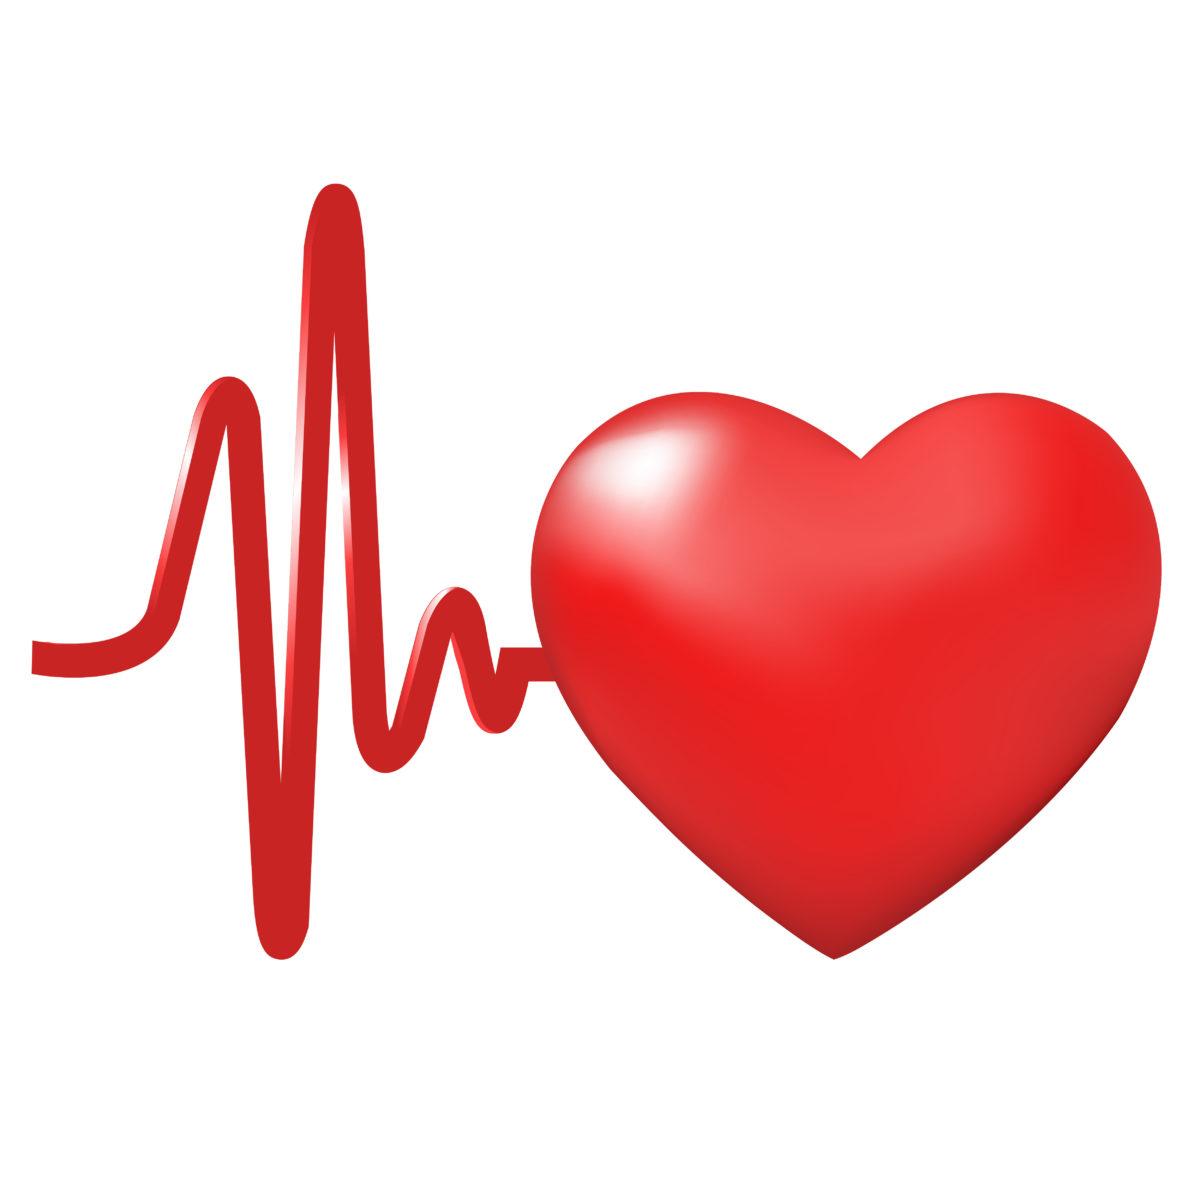 bigstock-Heart-Beats-19684544-1200x1200.jpg